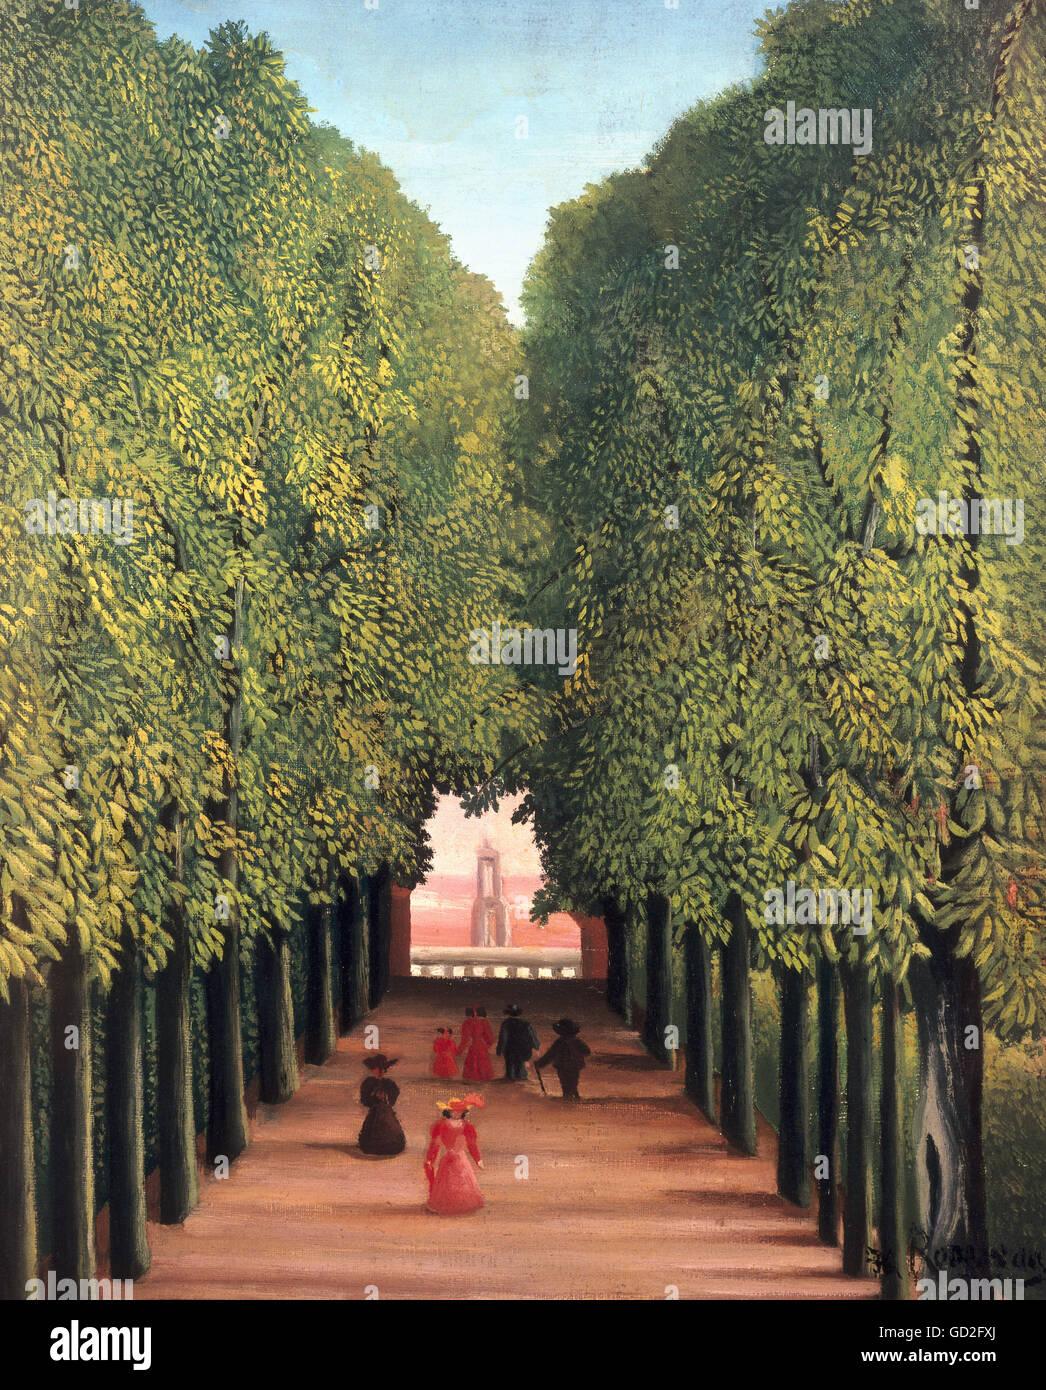 Beaux-arts, Henri Rousseau, Le Douanier, appelé 'Artiste' , n'a pas d'auteur pour être Photo Stock